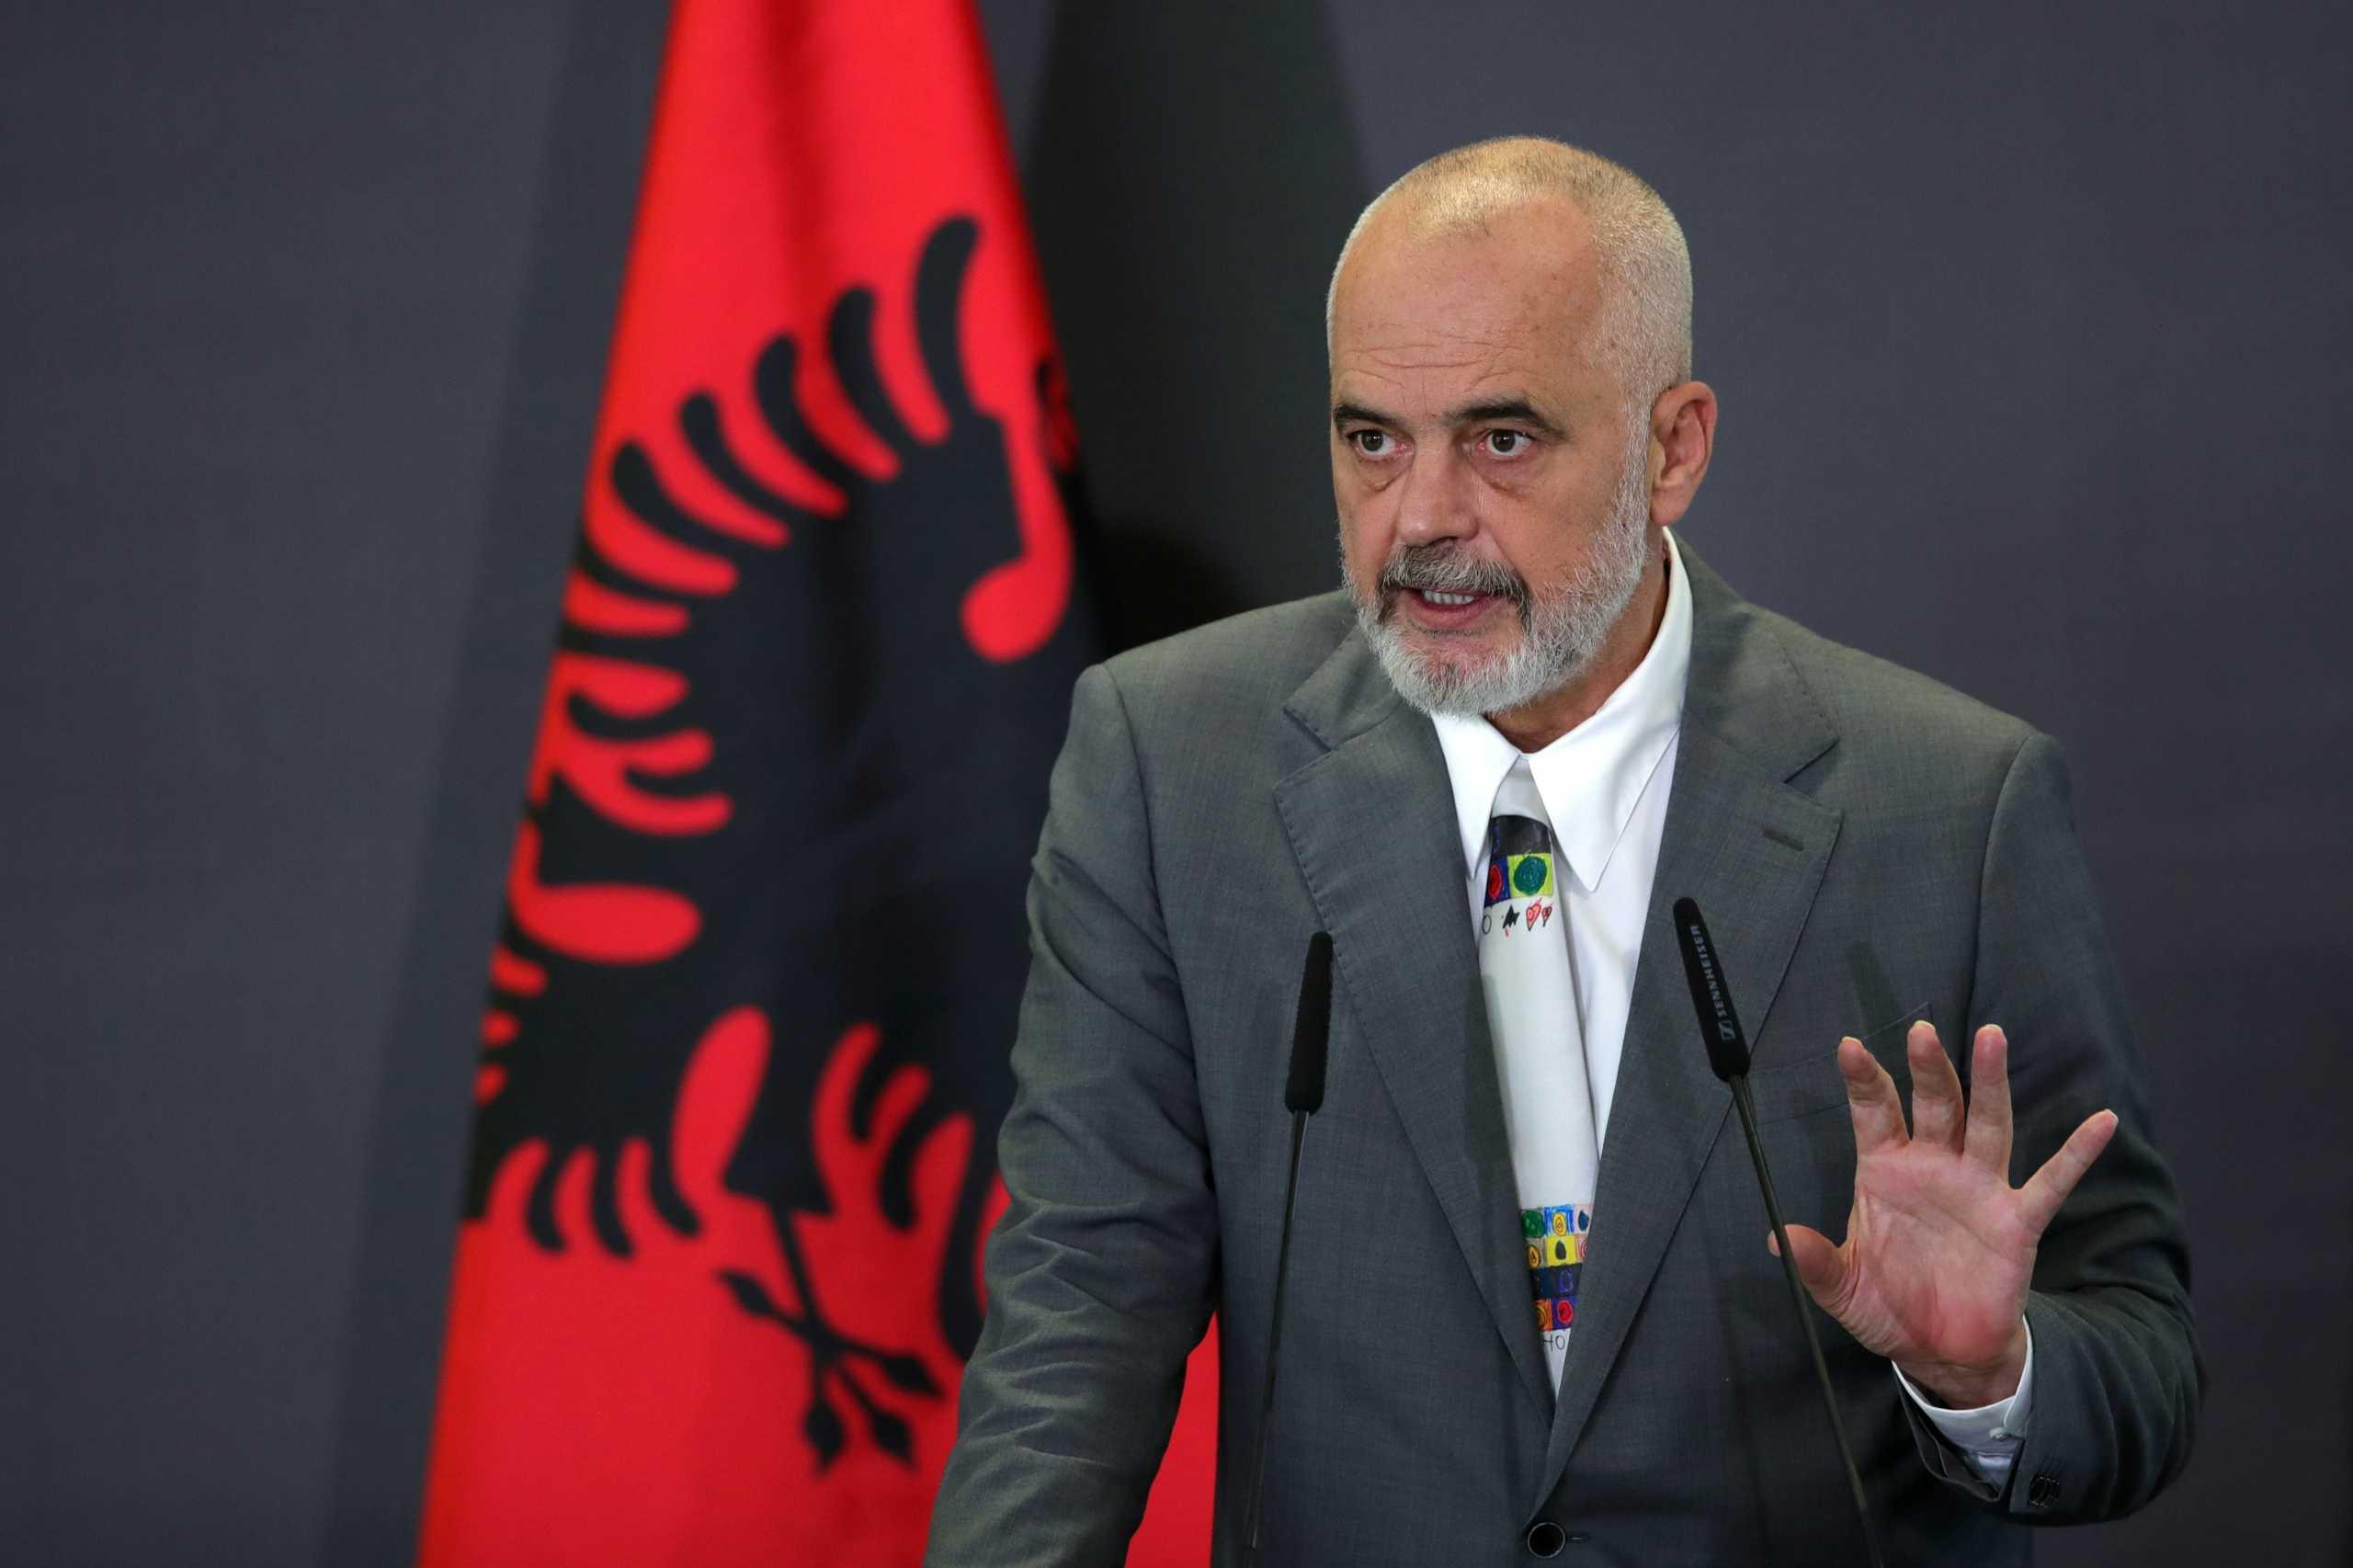 Αλβανία: Ο Έντι Ράμα έλαβε ψήφο εμπιστοσύνης για τη νέα του κυβέρνηση